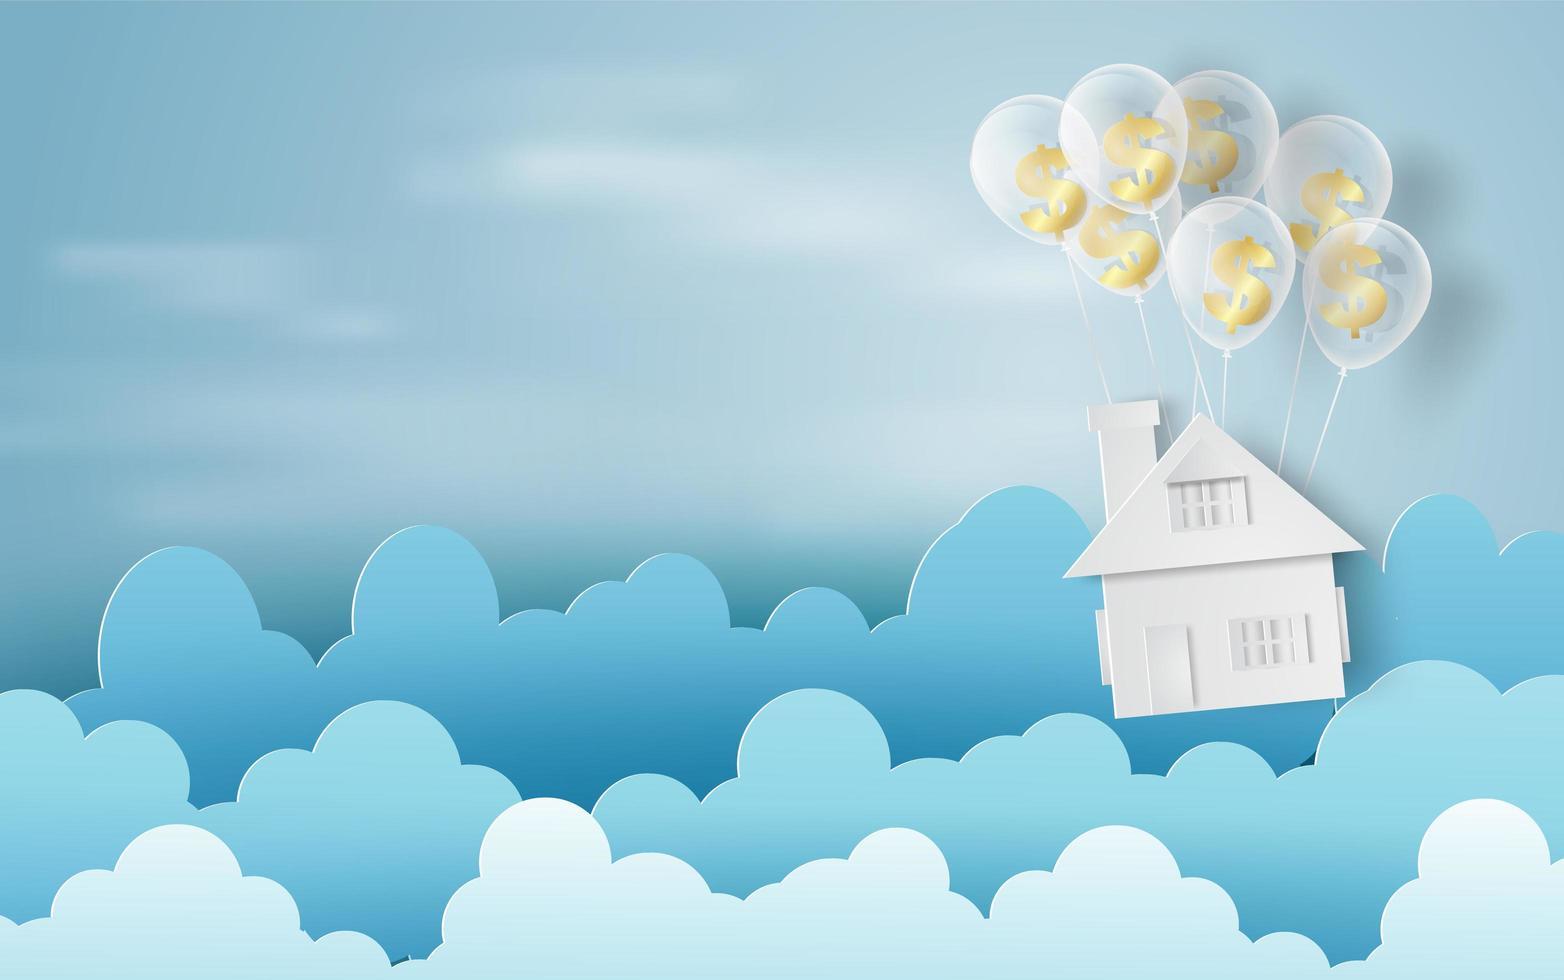 art papier de ballons comme des nuages sur la bannière de ciel bleu avec maison vecteur